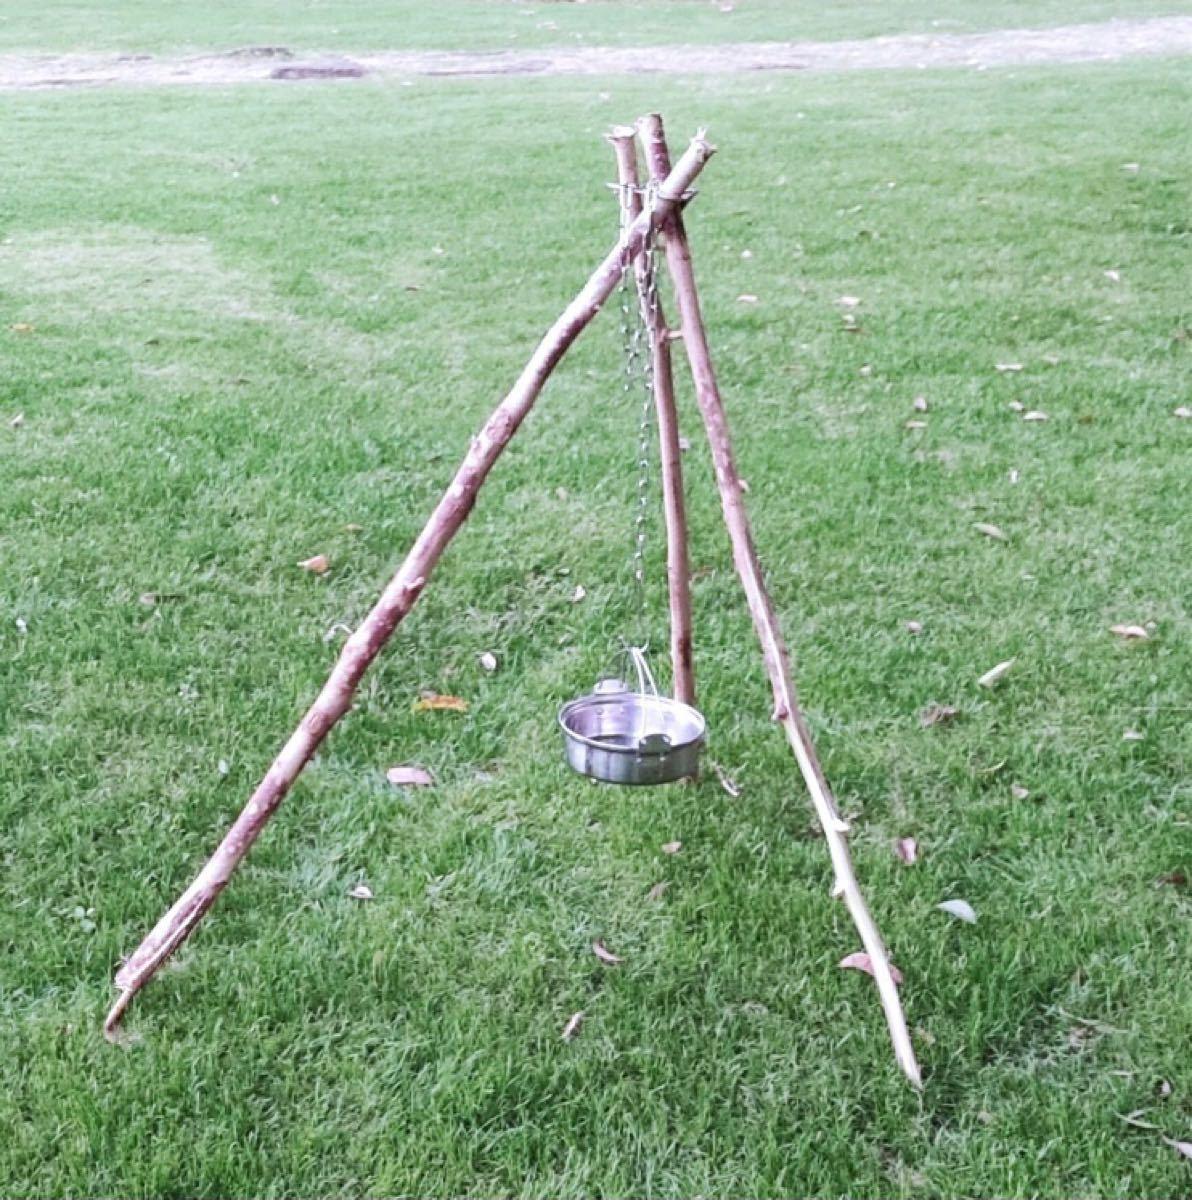 トライポッド 焚き火 キャンプ キャンプ用品 アウトドア